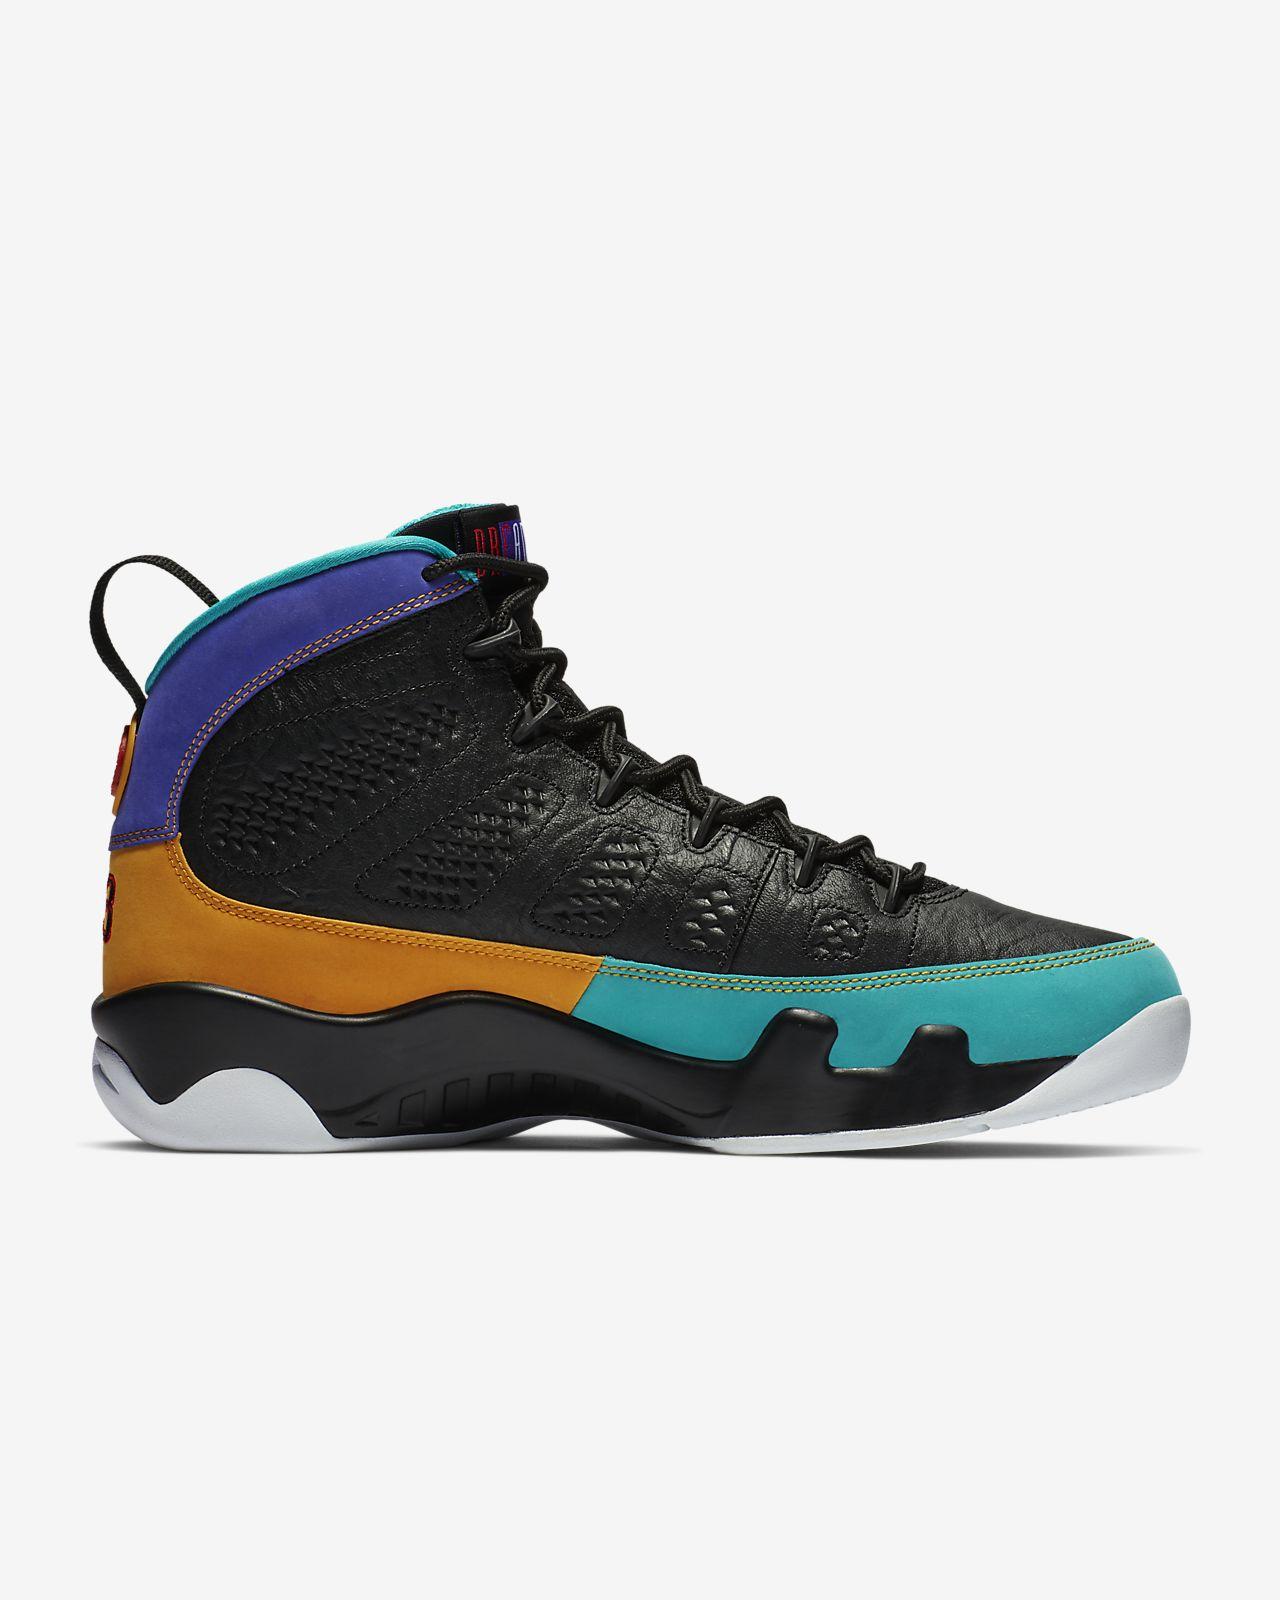 40a5c8782e98 Air Jordan 9 Retro Men s Shoe. Nike.com CA